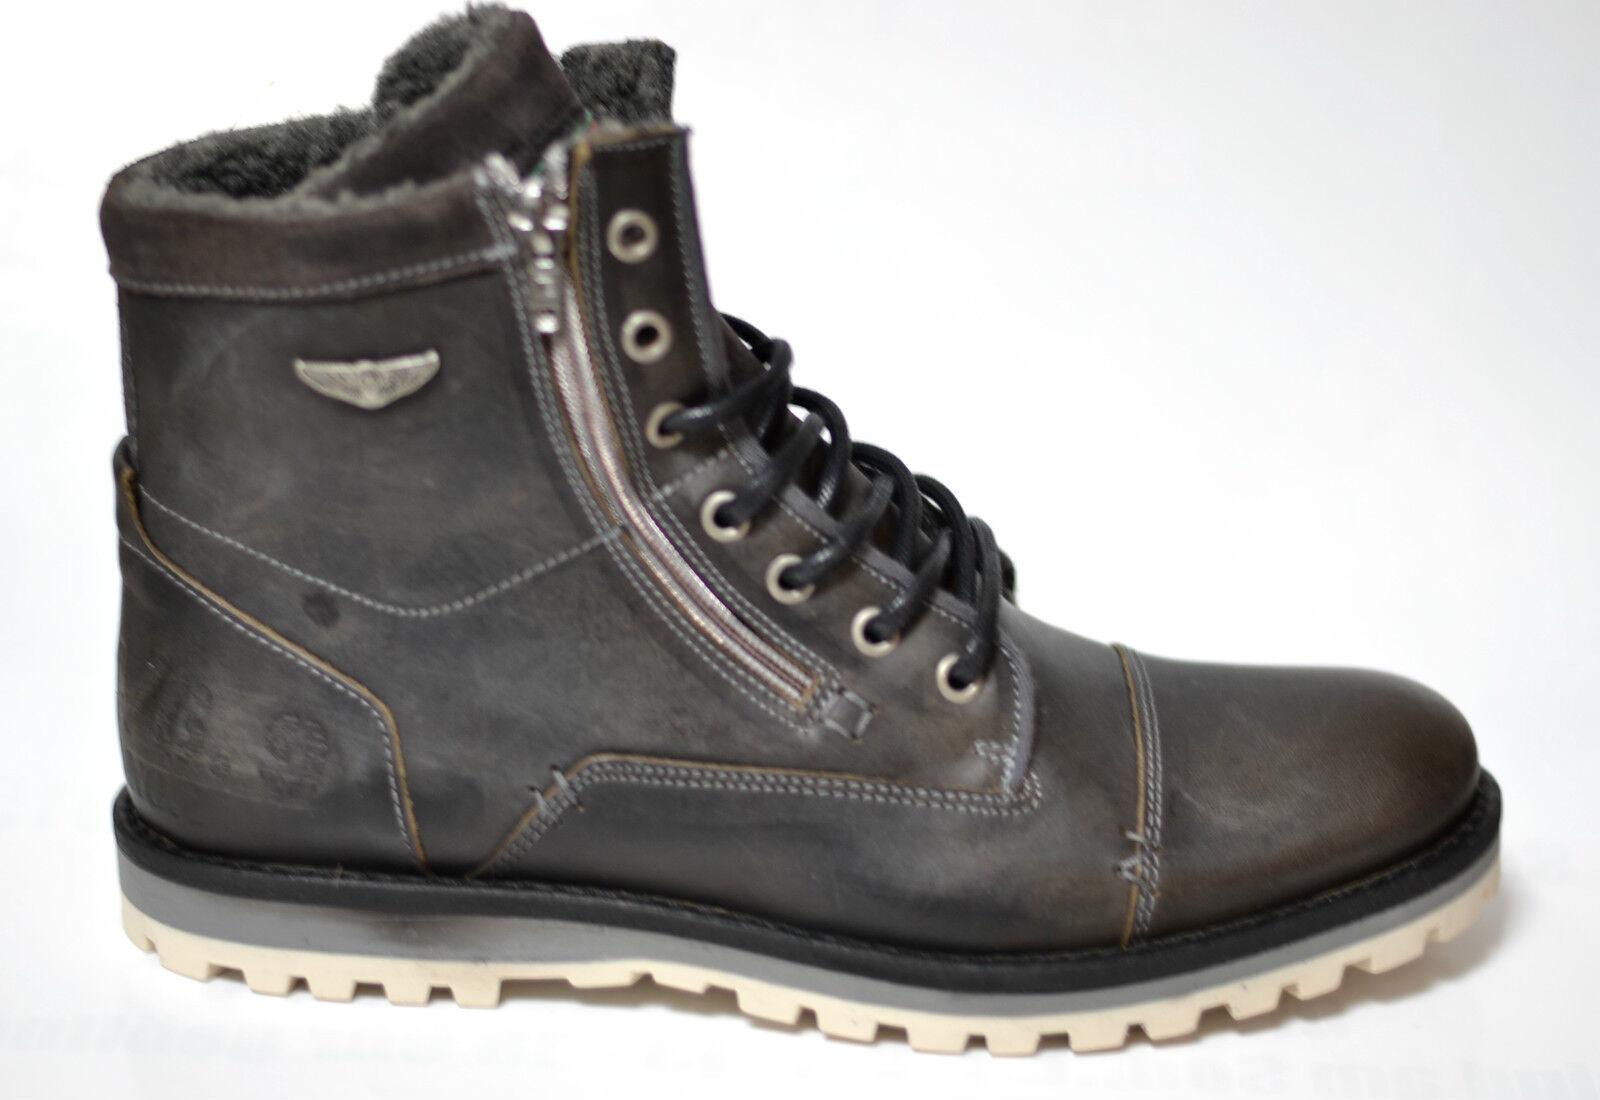 BULLBOXER Herren Herren BULLBOXER Schuhe Stiefel Stiefel grau Leder Neu mode 09154a